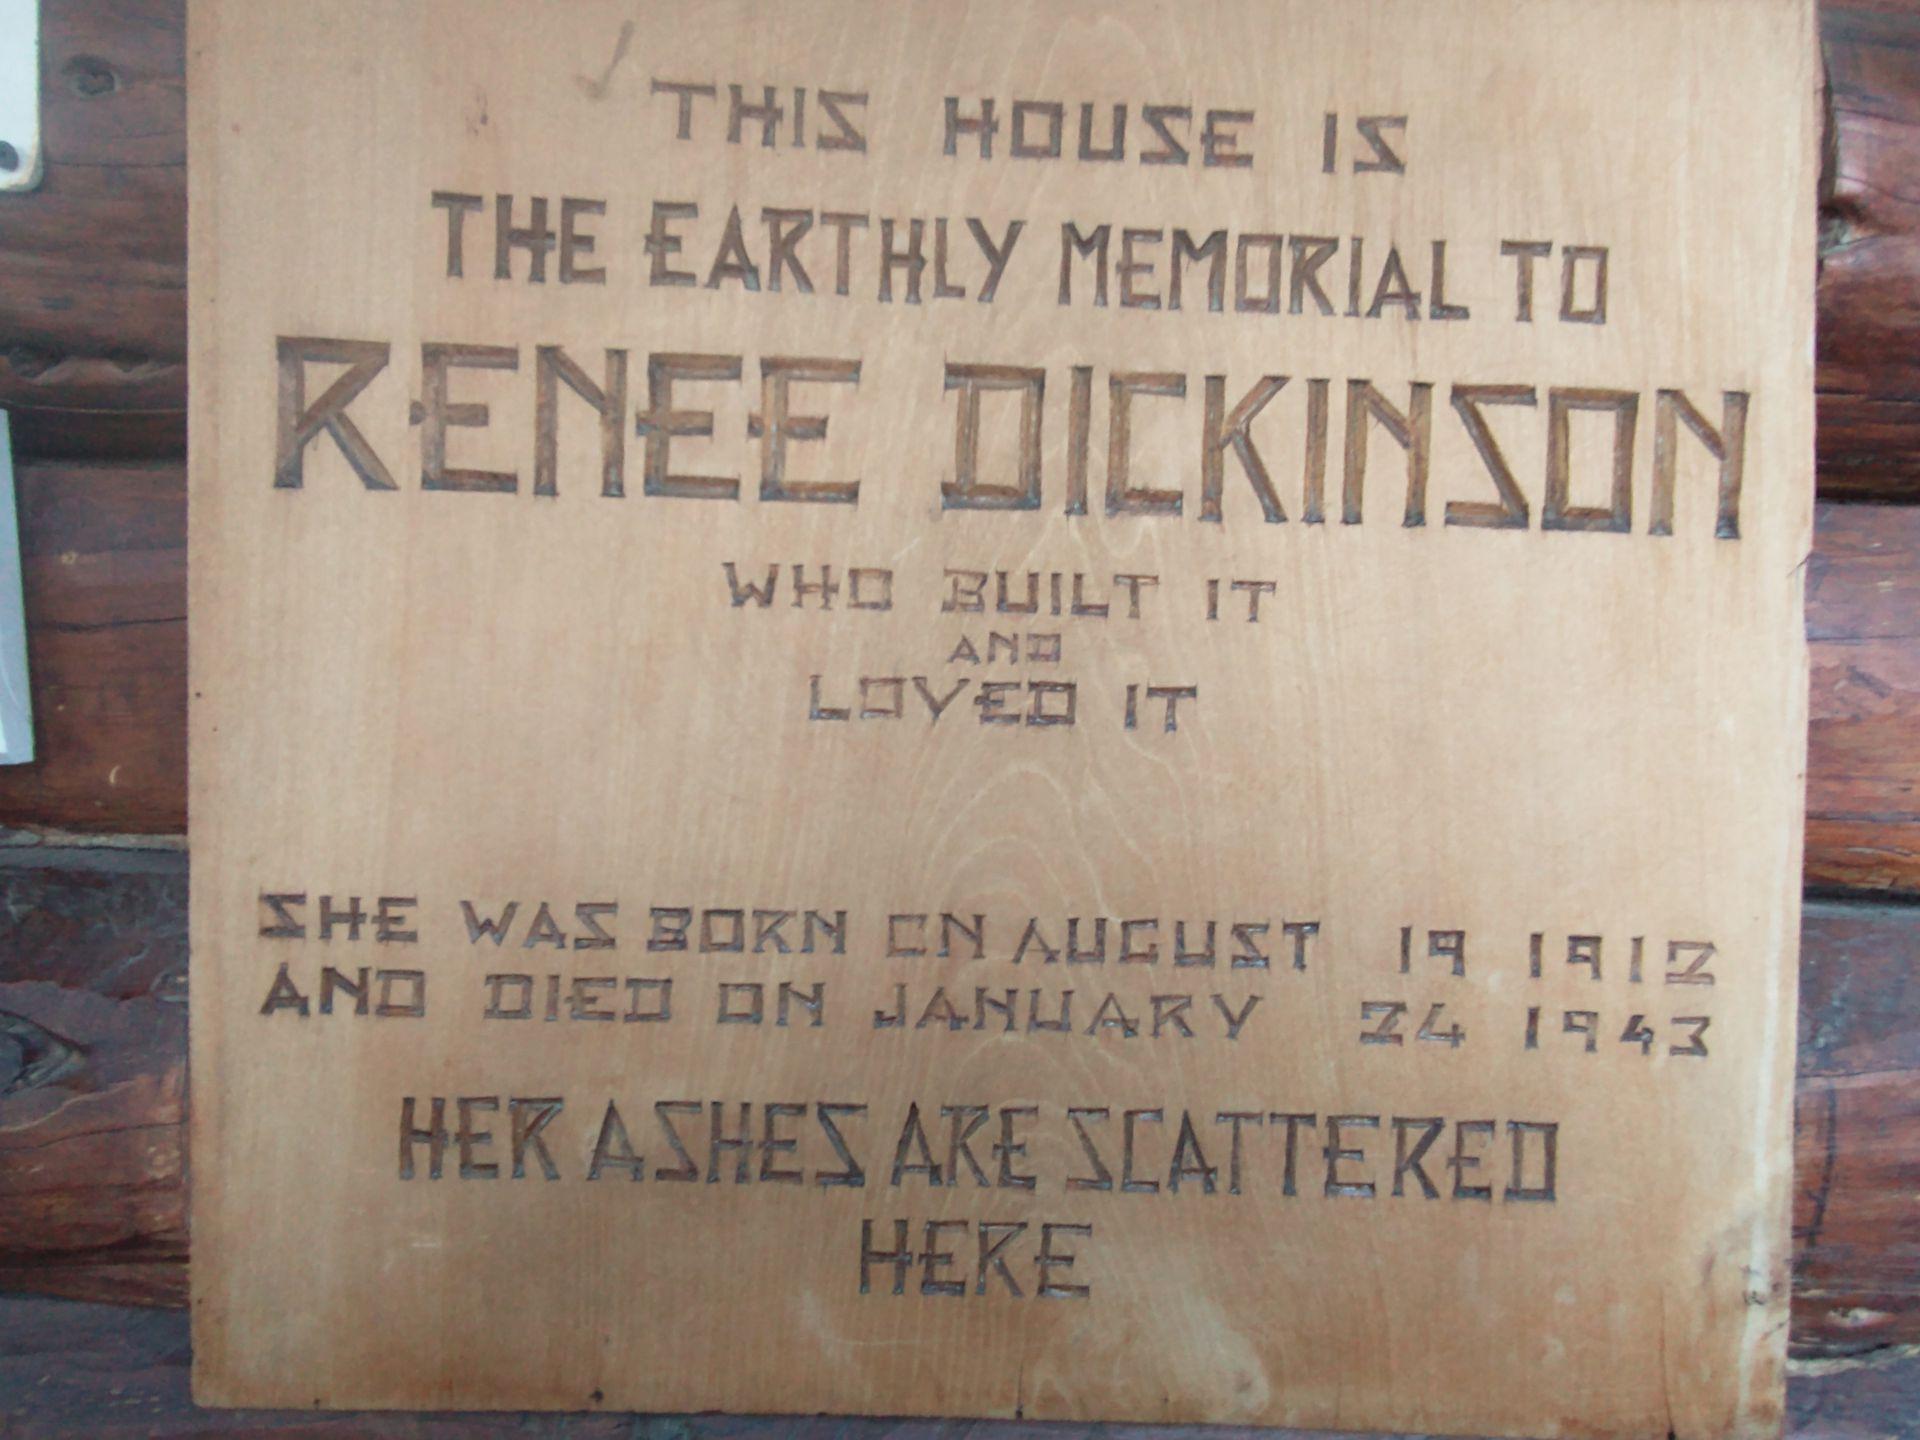 Renée Dickinson. 1912-1943.